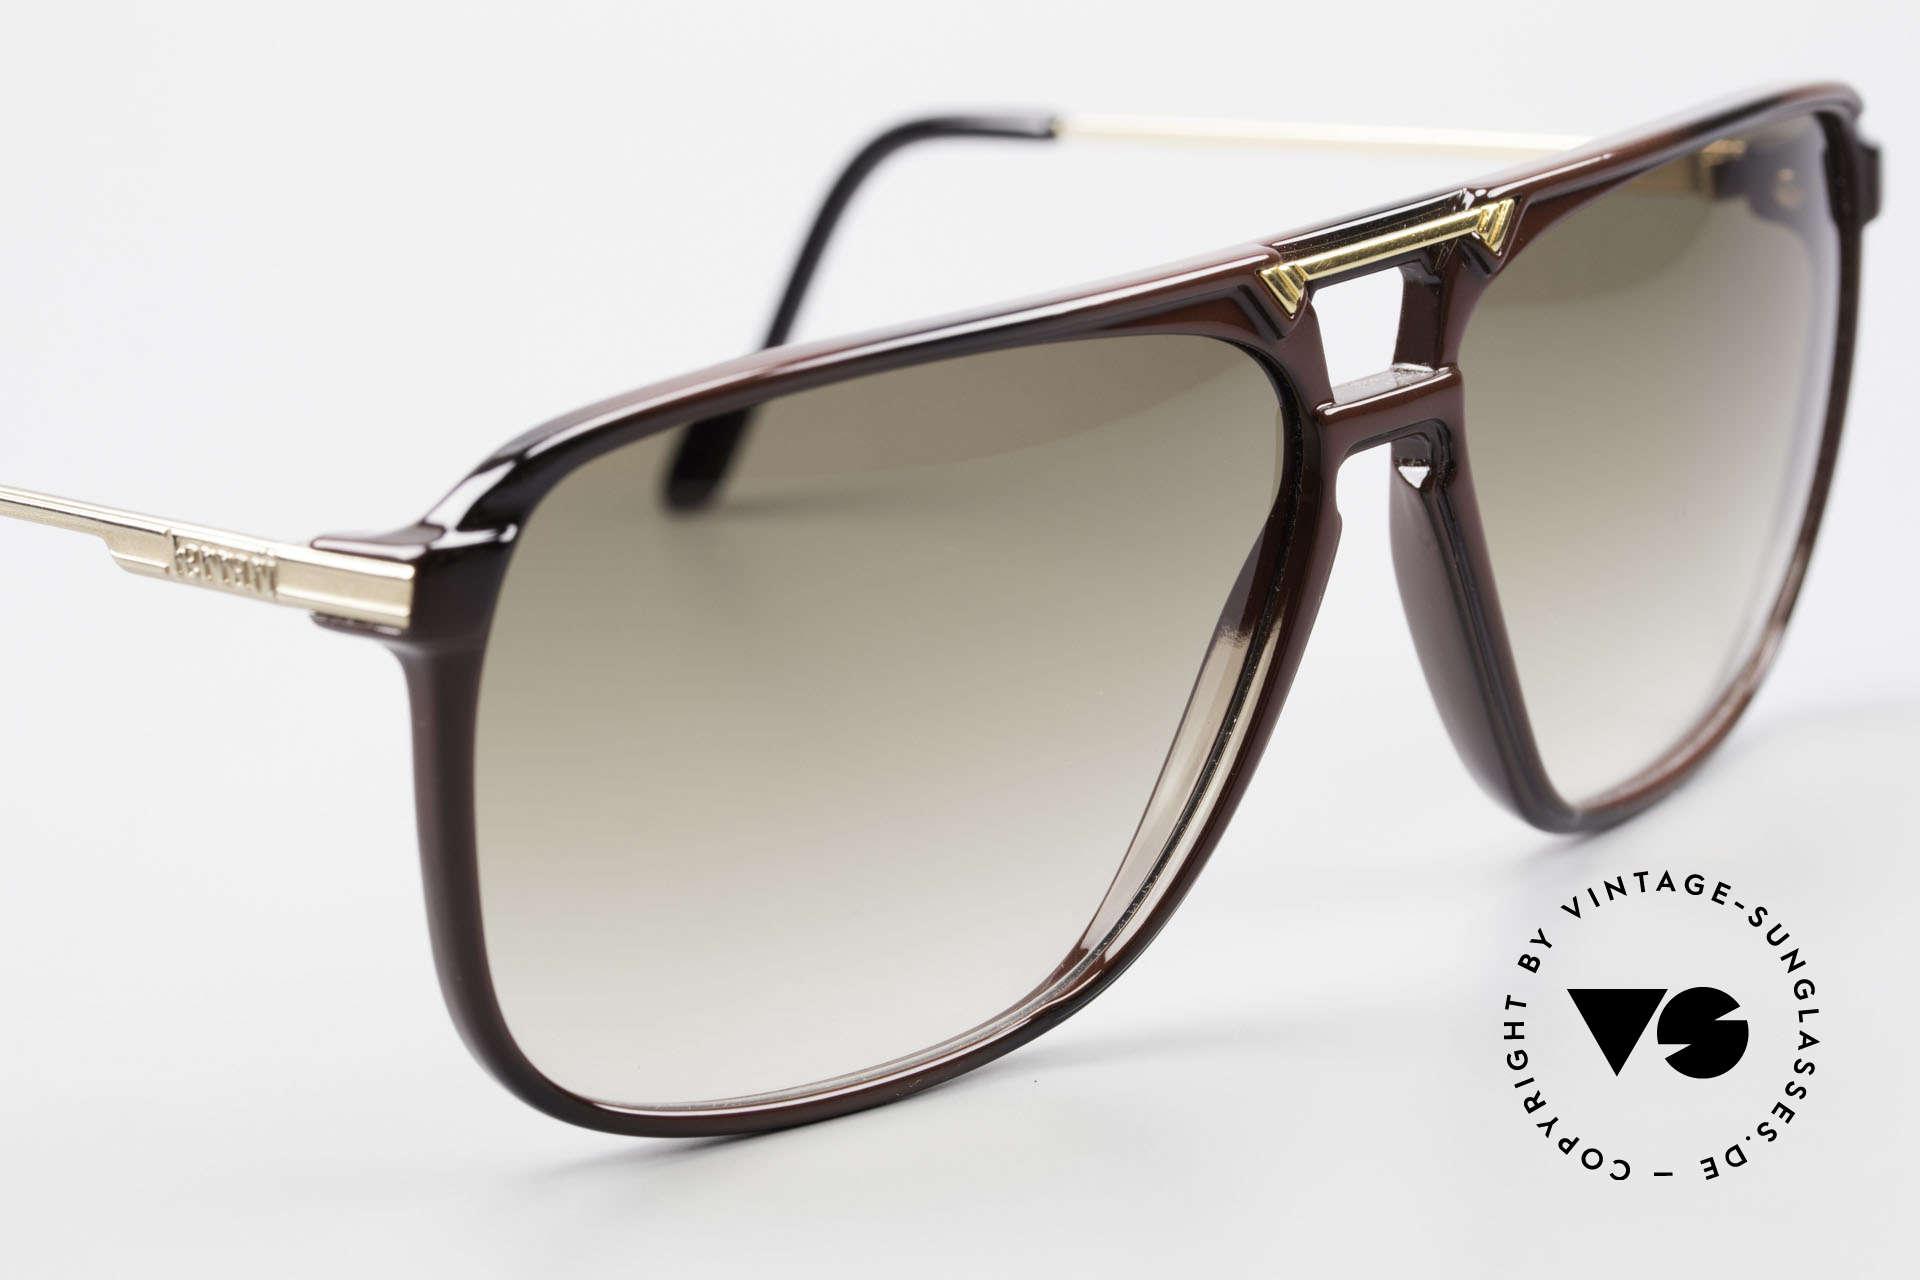 Ferrari F36/S Karbon Herren Sonnenbrille, ungetragen (wie alle unsere vintage Sonnenbrillen), Passend für Herren